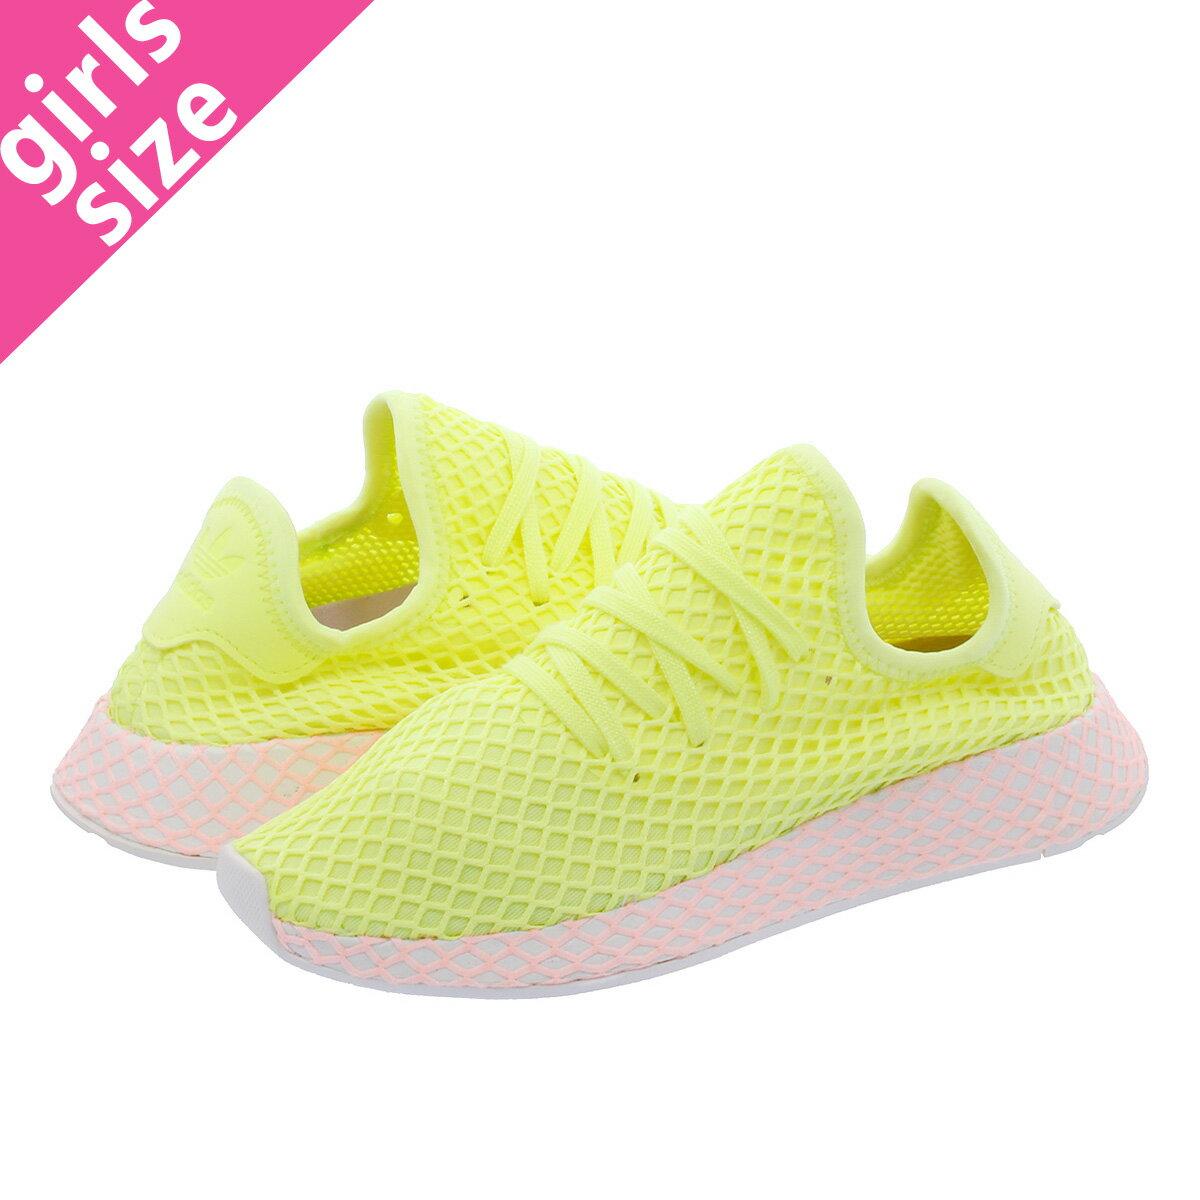 【大人気の女の子サイズ♪】 adidas DEERUPT RUNNER W アディダス ウィメンズ ディーラプト ランナー GLOW/GLOW/CLEAR LILAC b37599